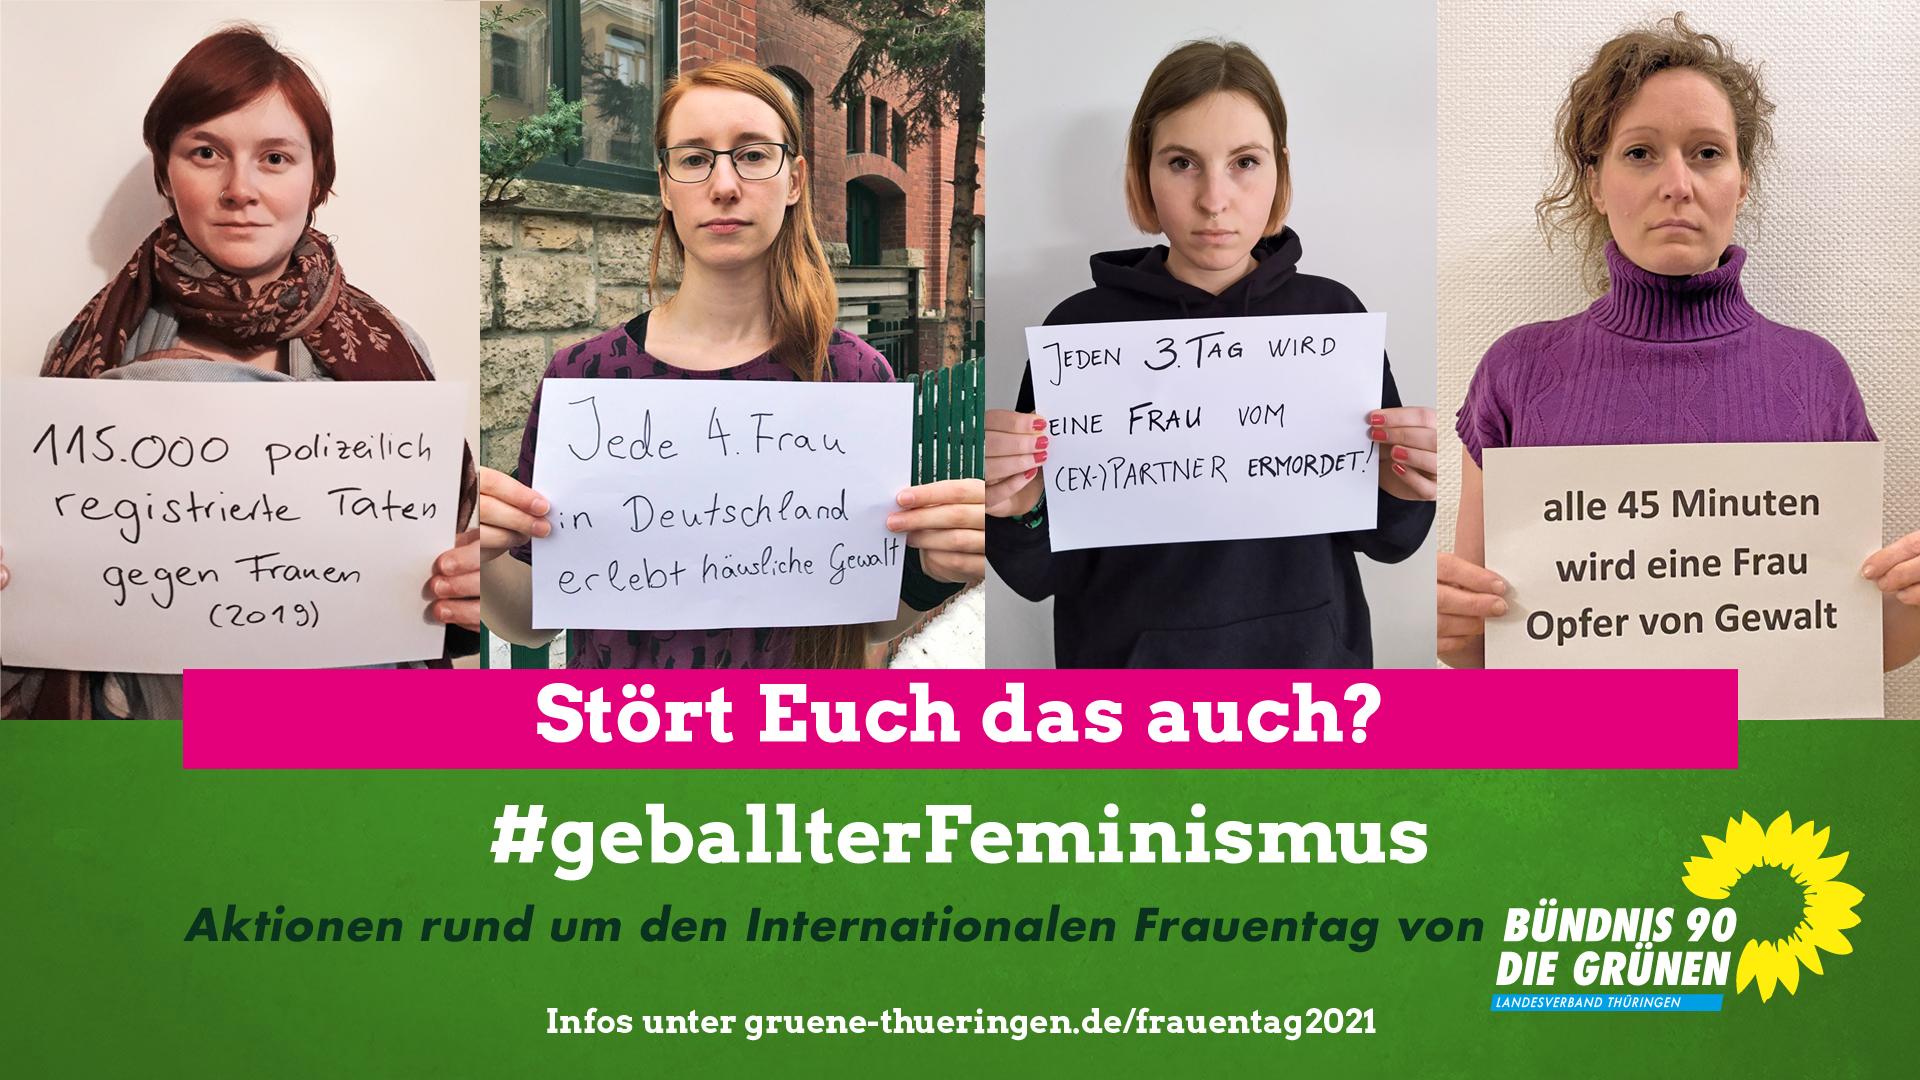 Grüne Aktionswochen zum Internationalen Frauentag